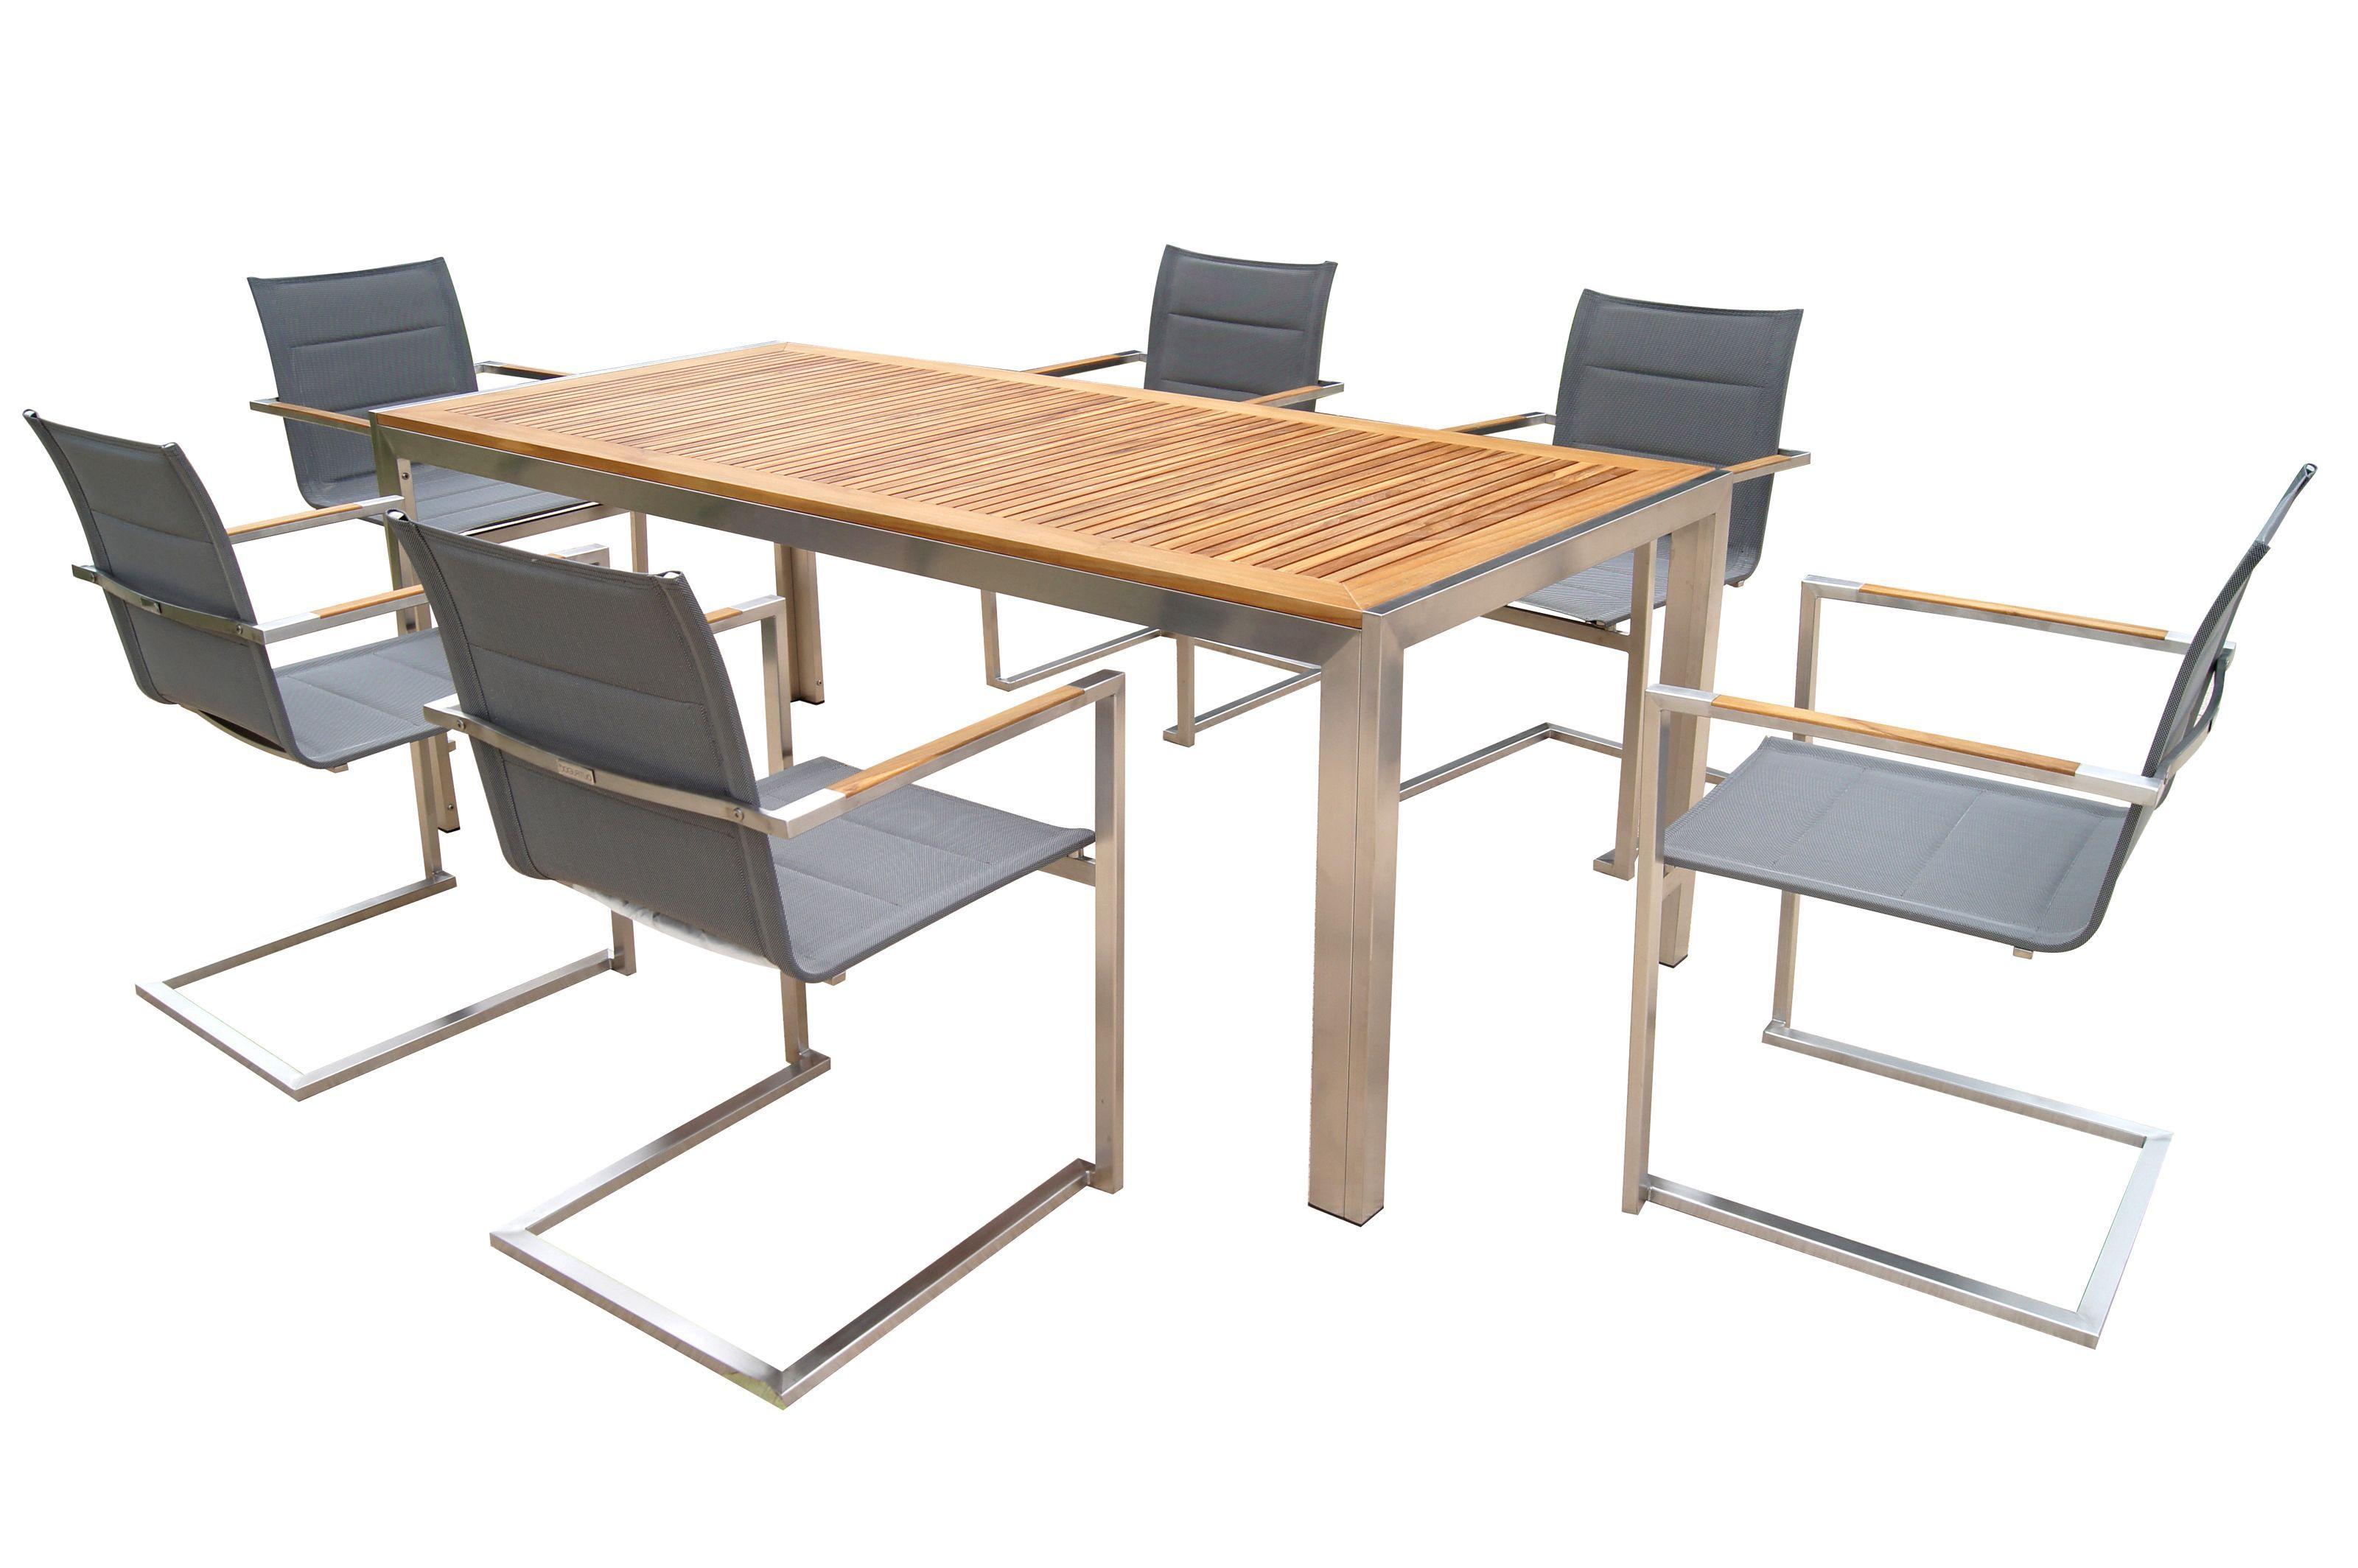 OUTFLEXX Sitzgruppe, silber, Edelstahl/Teak, Esstisch ...